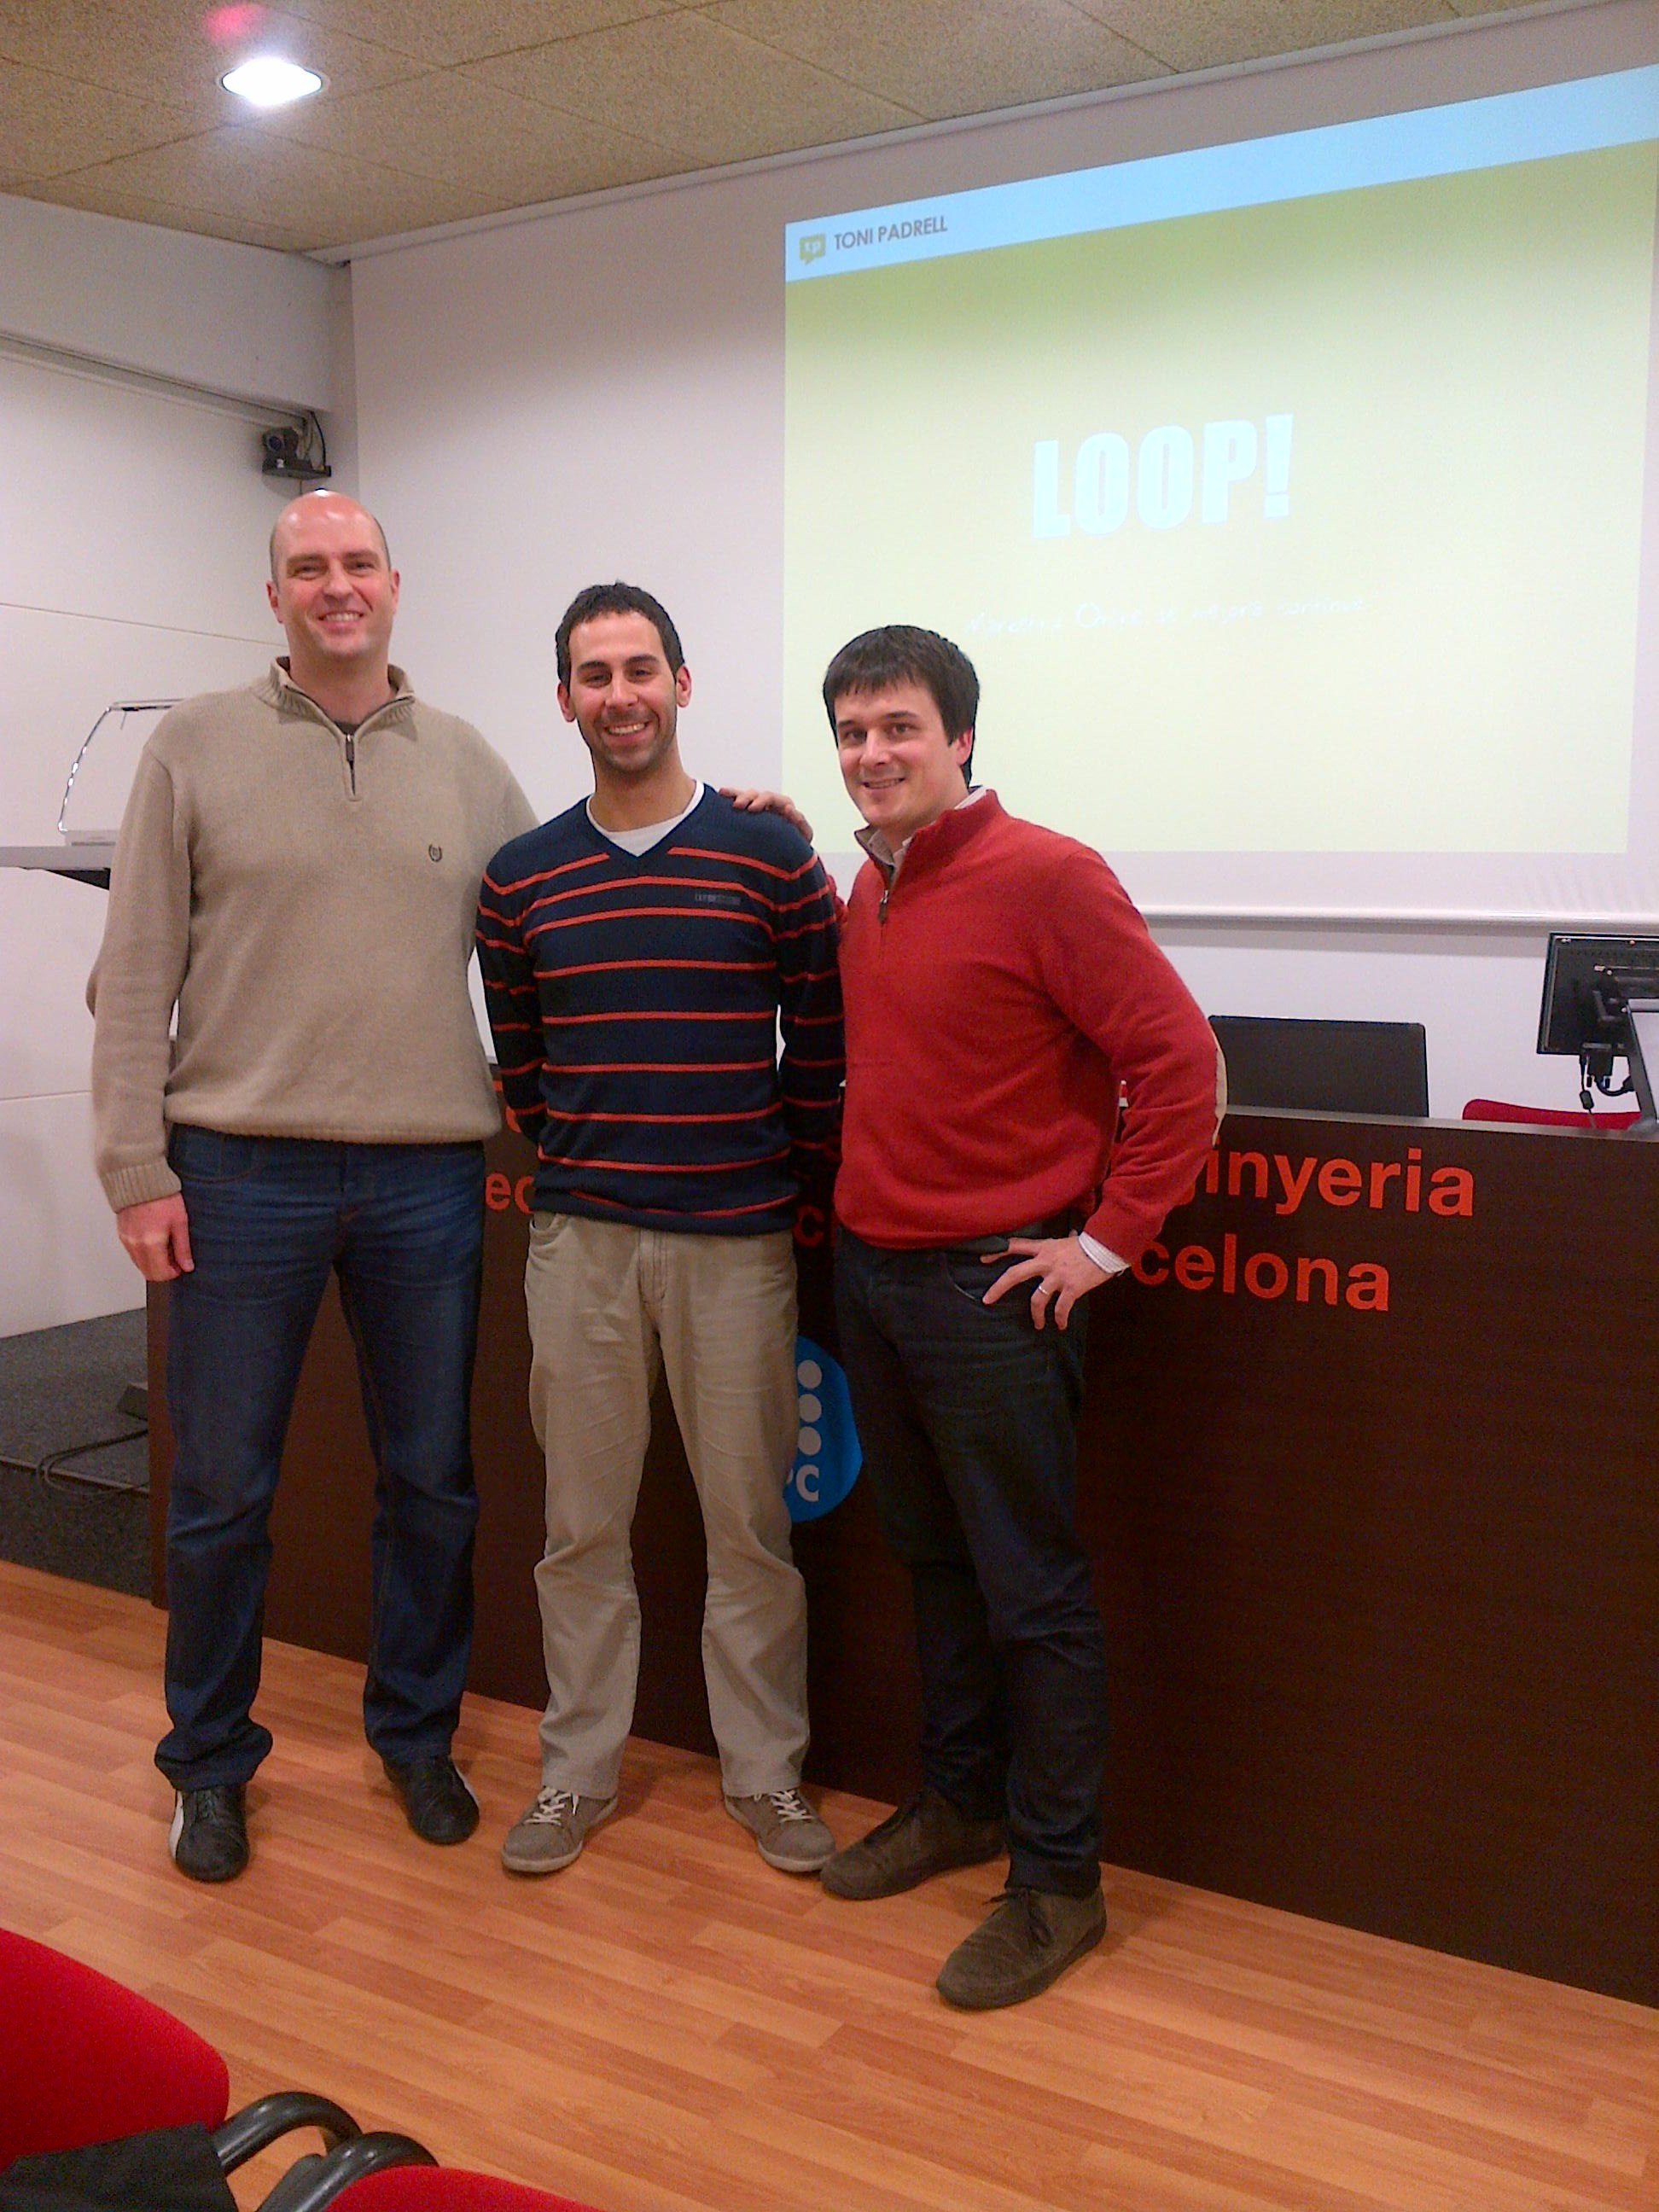 Un dels premiats, en Jesús Pablo González (centre), acompanyat d'en Ricard Montero (esquerra) i d'en Toni Padrell (dreta).